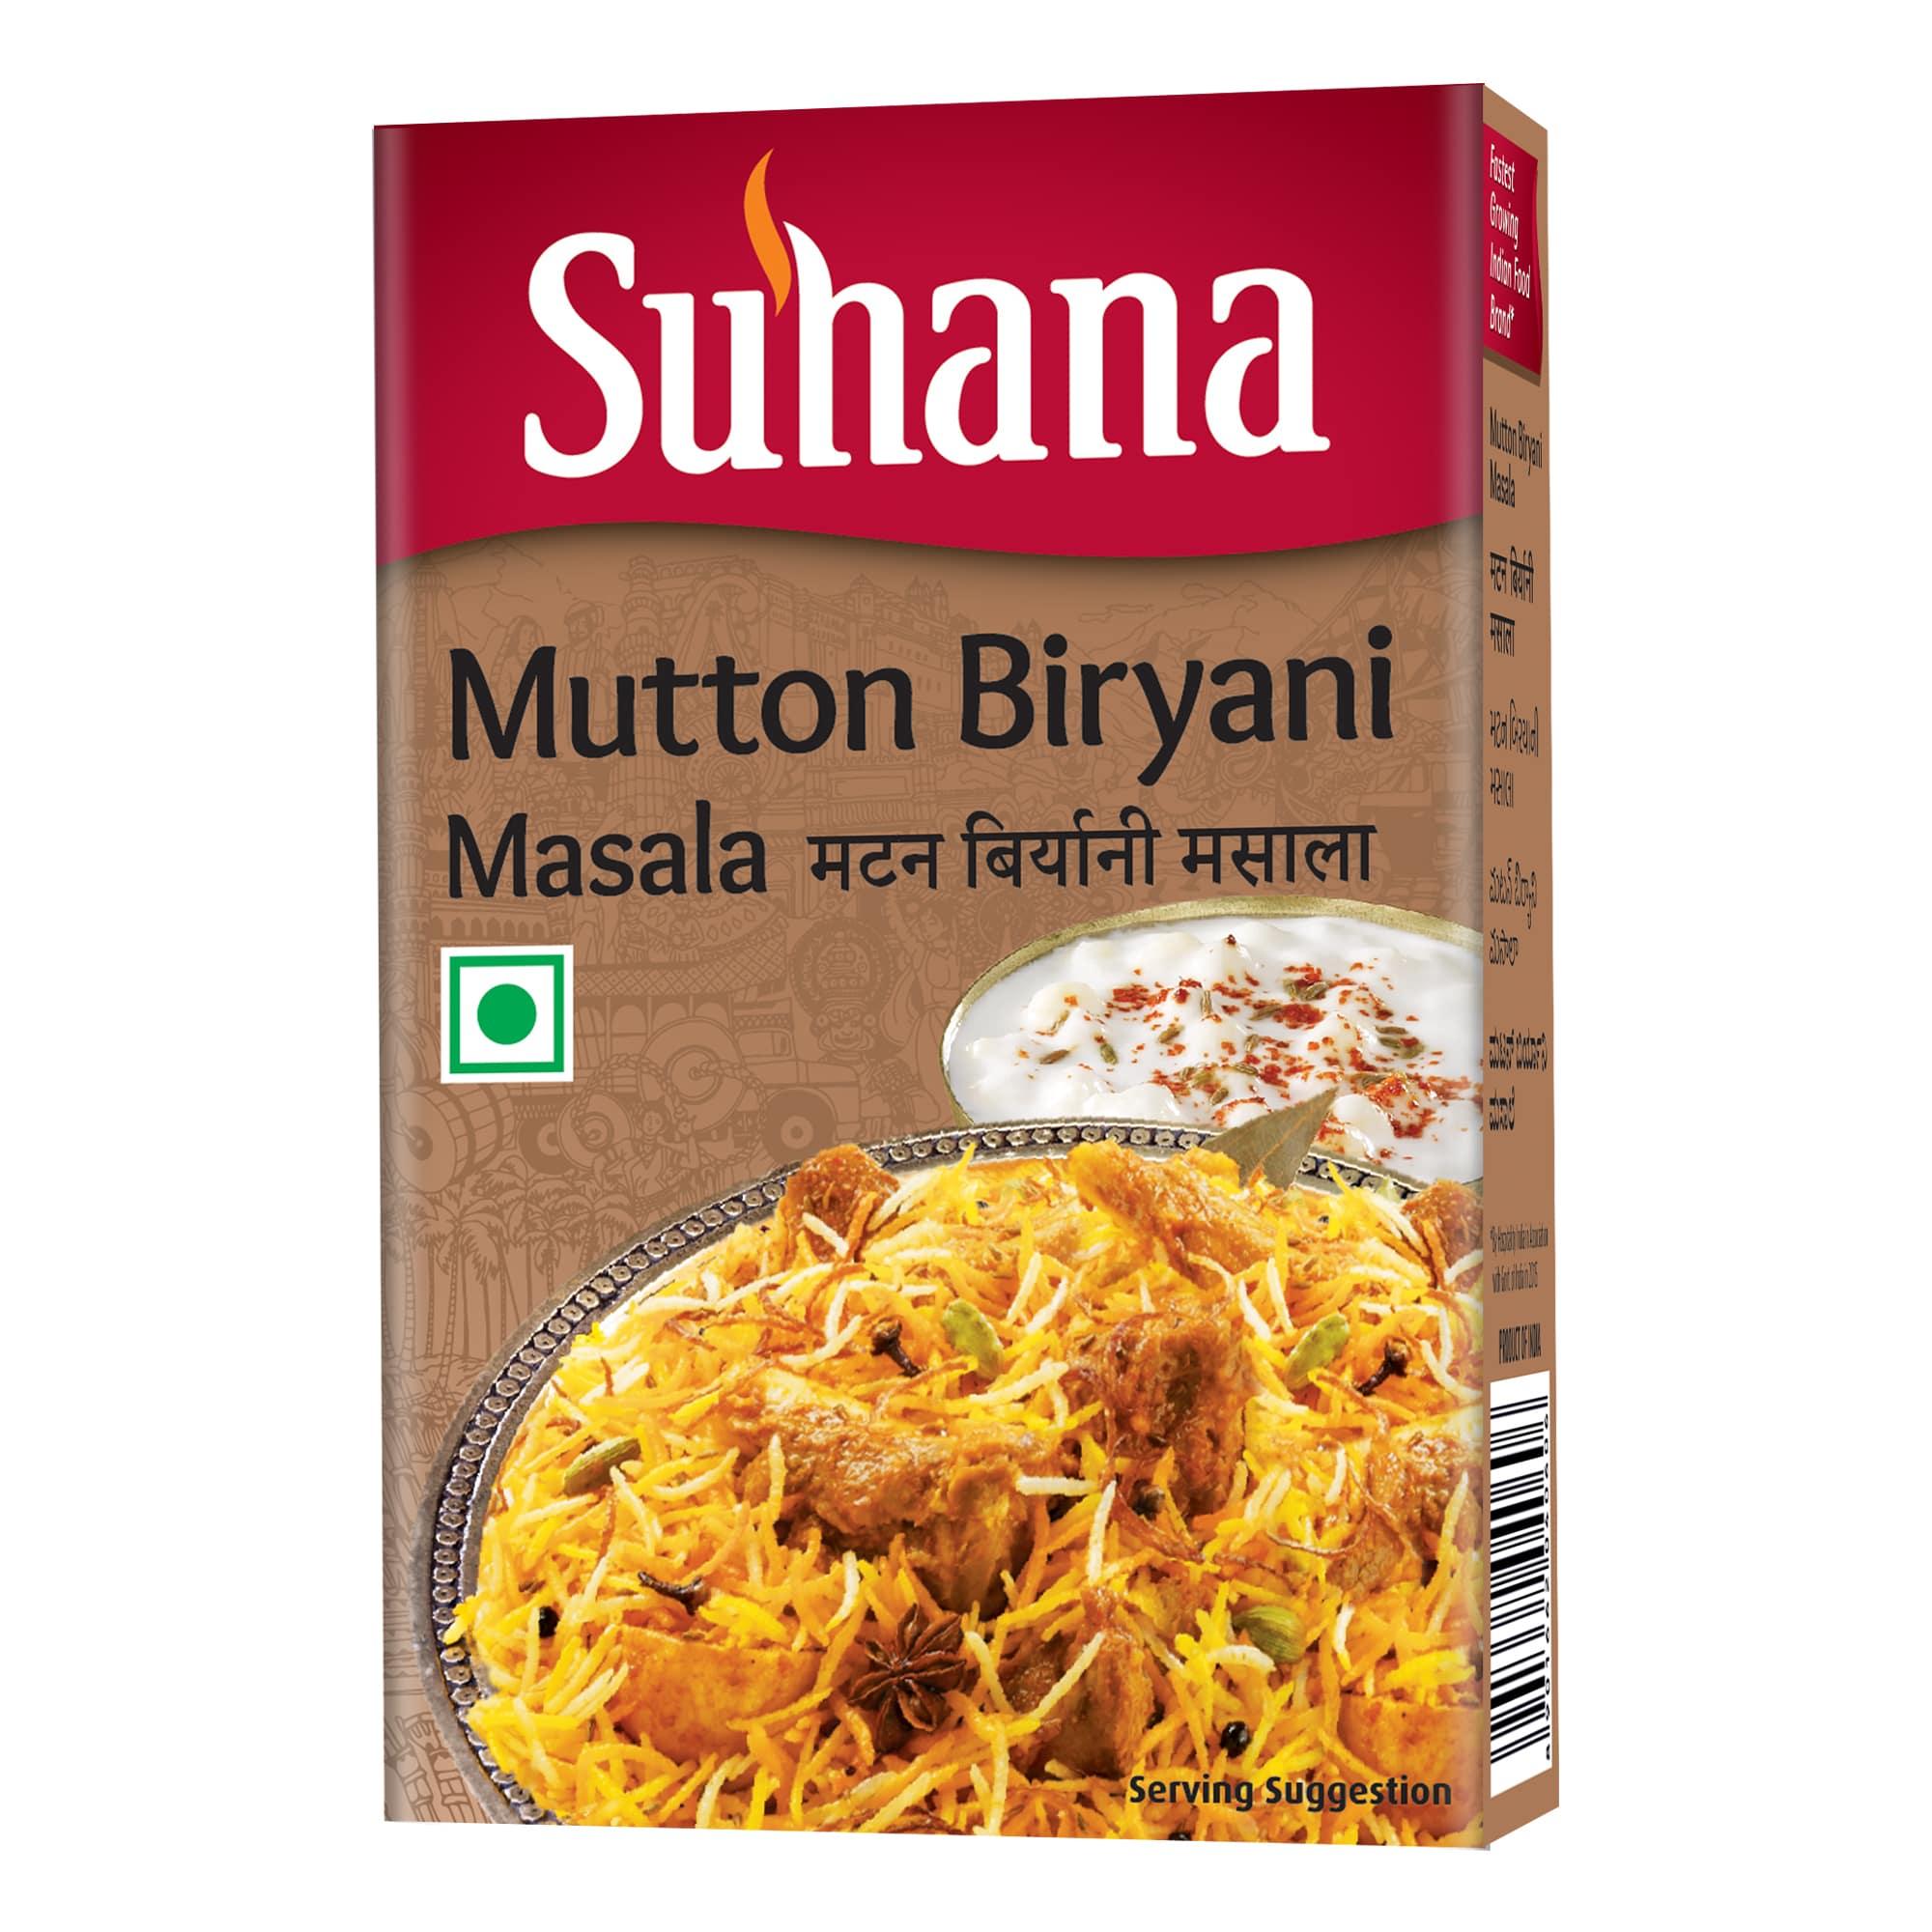 Suhana Mutton Biryani Masala 50g Box